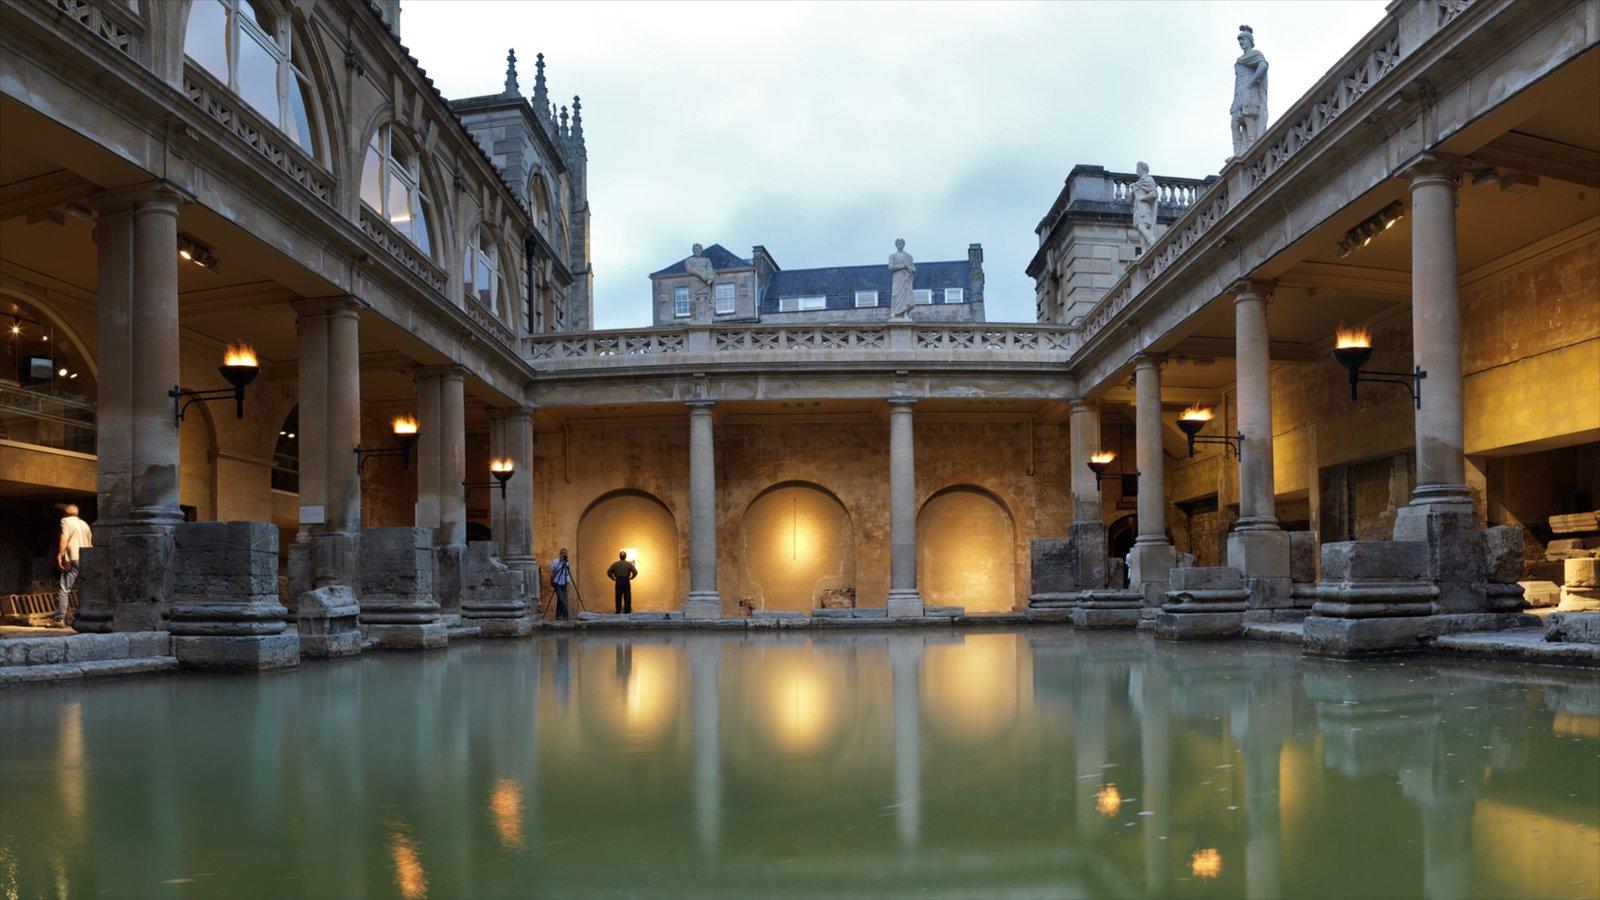 Banhos romanos que inclui elementos de patrimônio, arquitetura de patrimônio e cenas noturnas